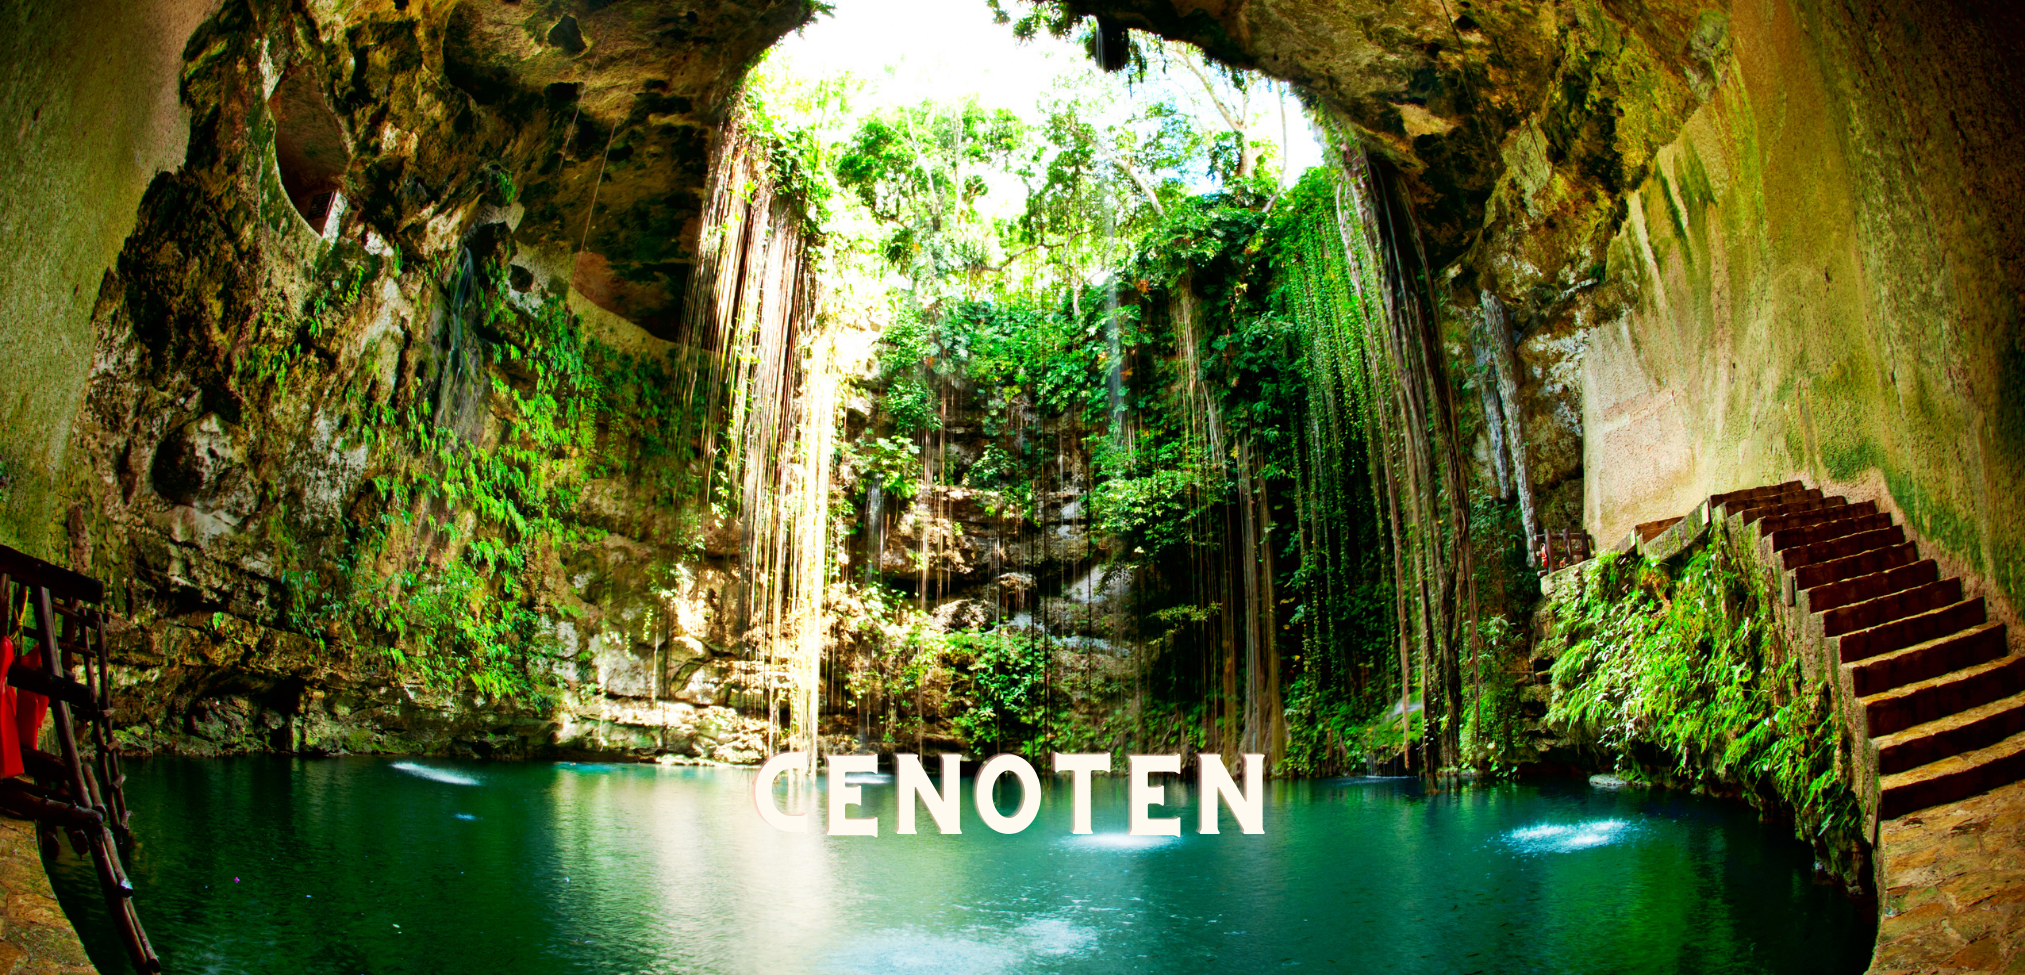 Die besten Highlights Mexiko Höhepunkte Cenoten